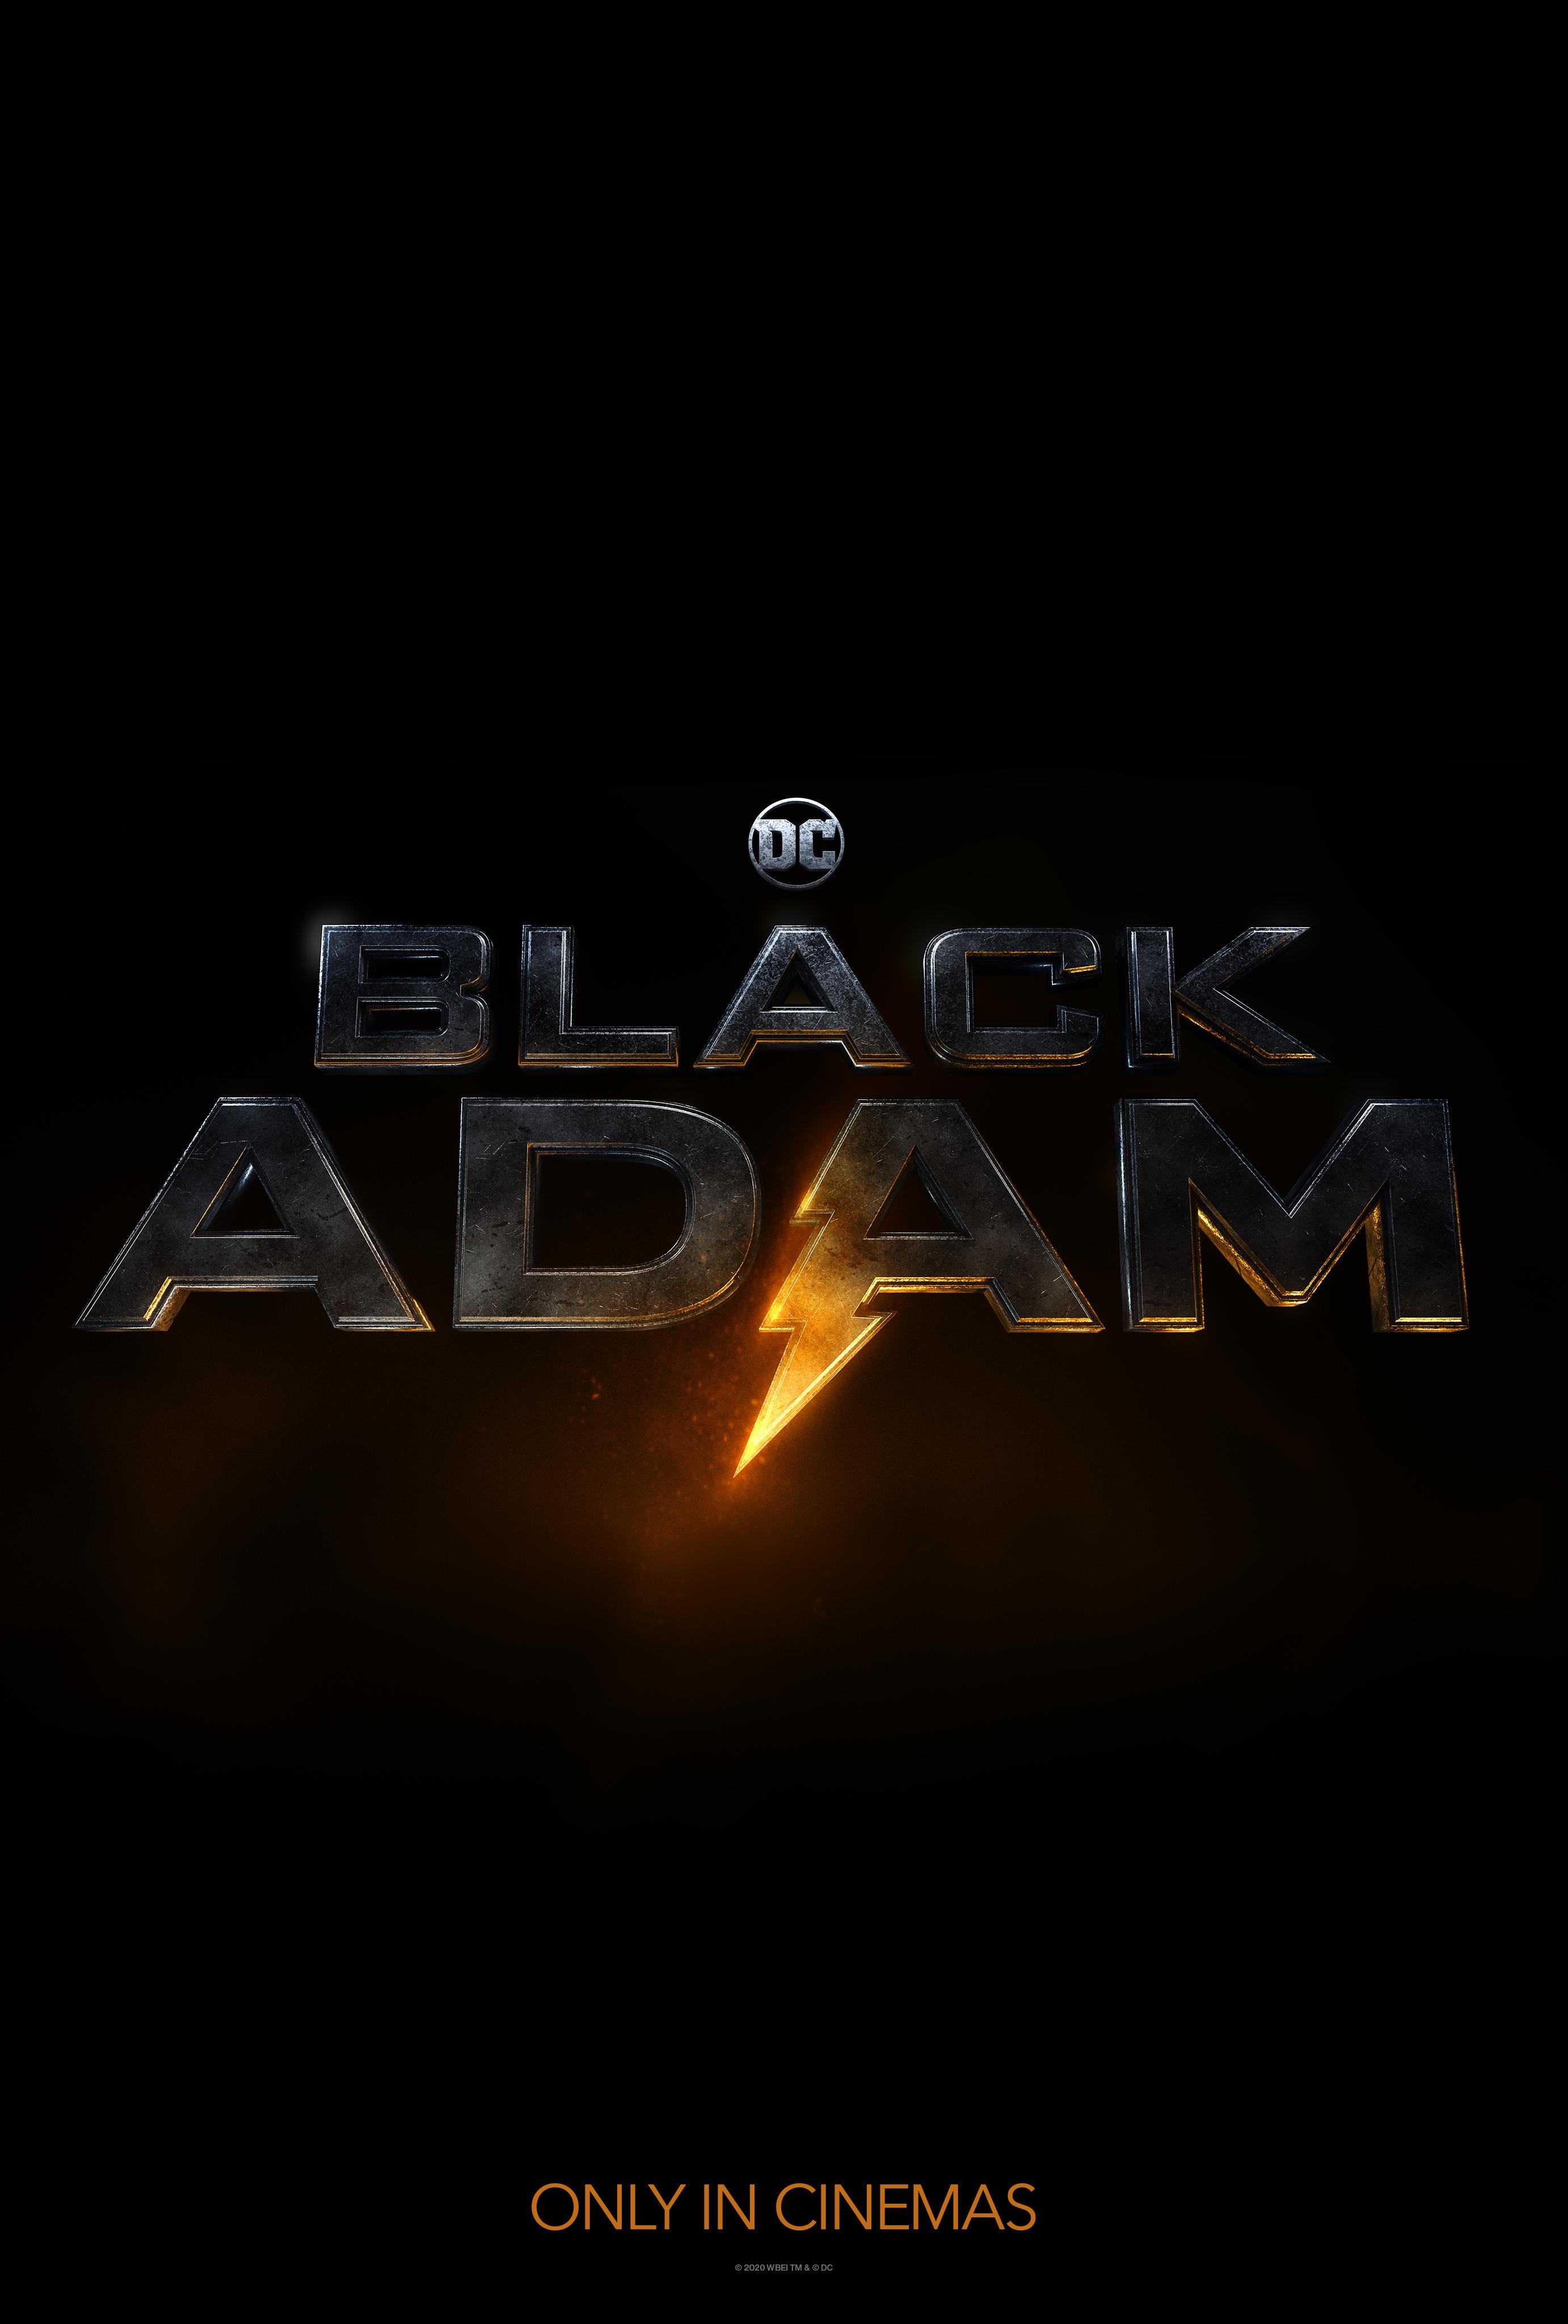 Download Filme Adão Negro Torrent 2021 Qualidade Hd